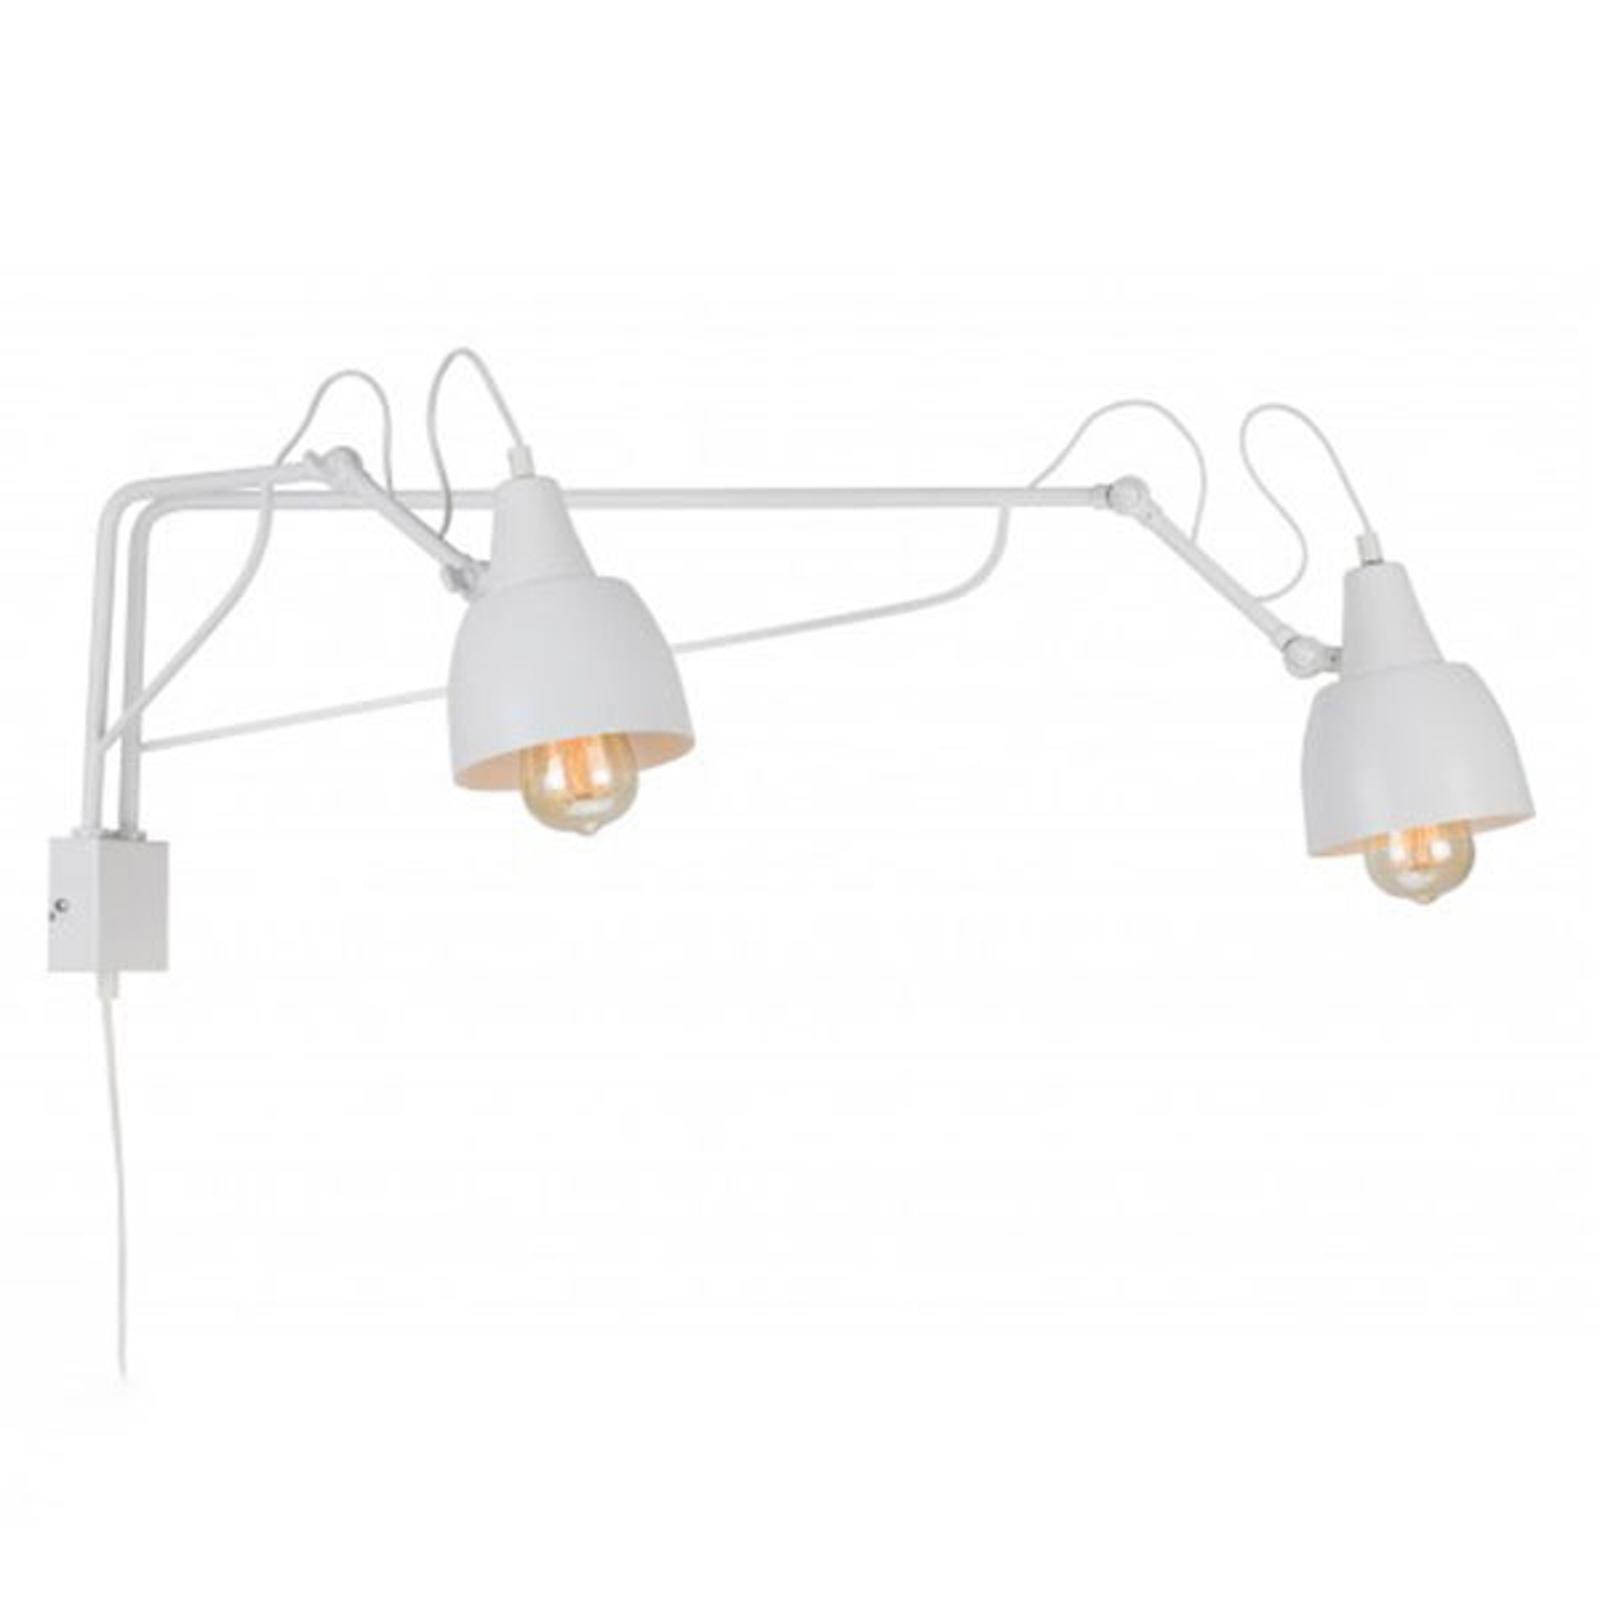 Lampa ścienna 1002 z wtyczką, 2-punktowa, biała